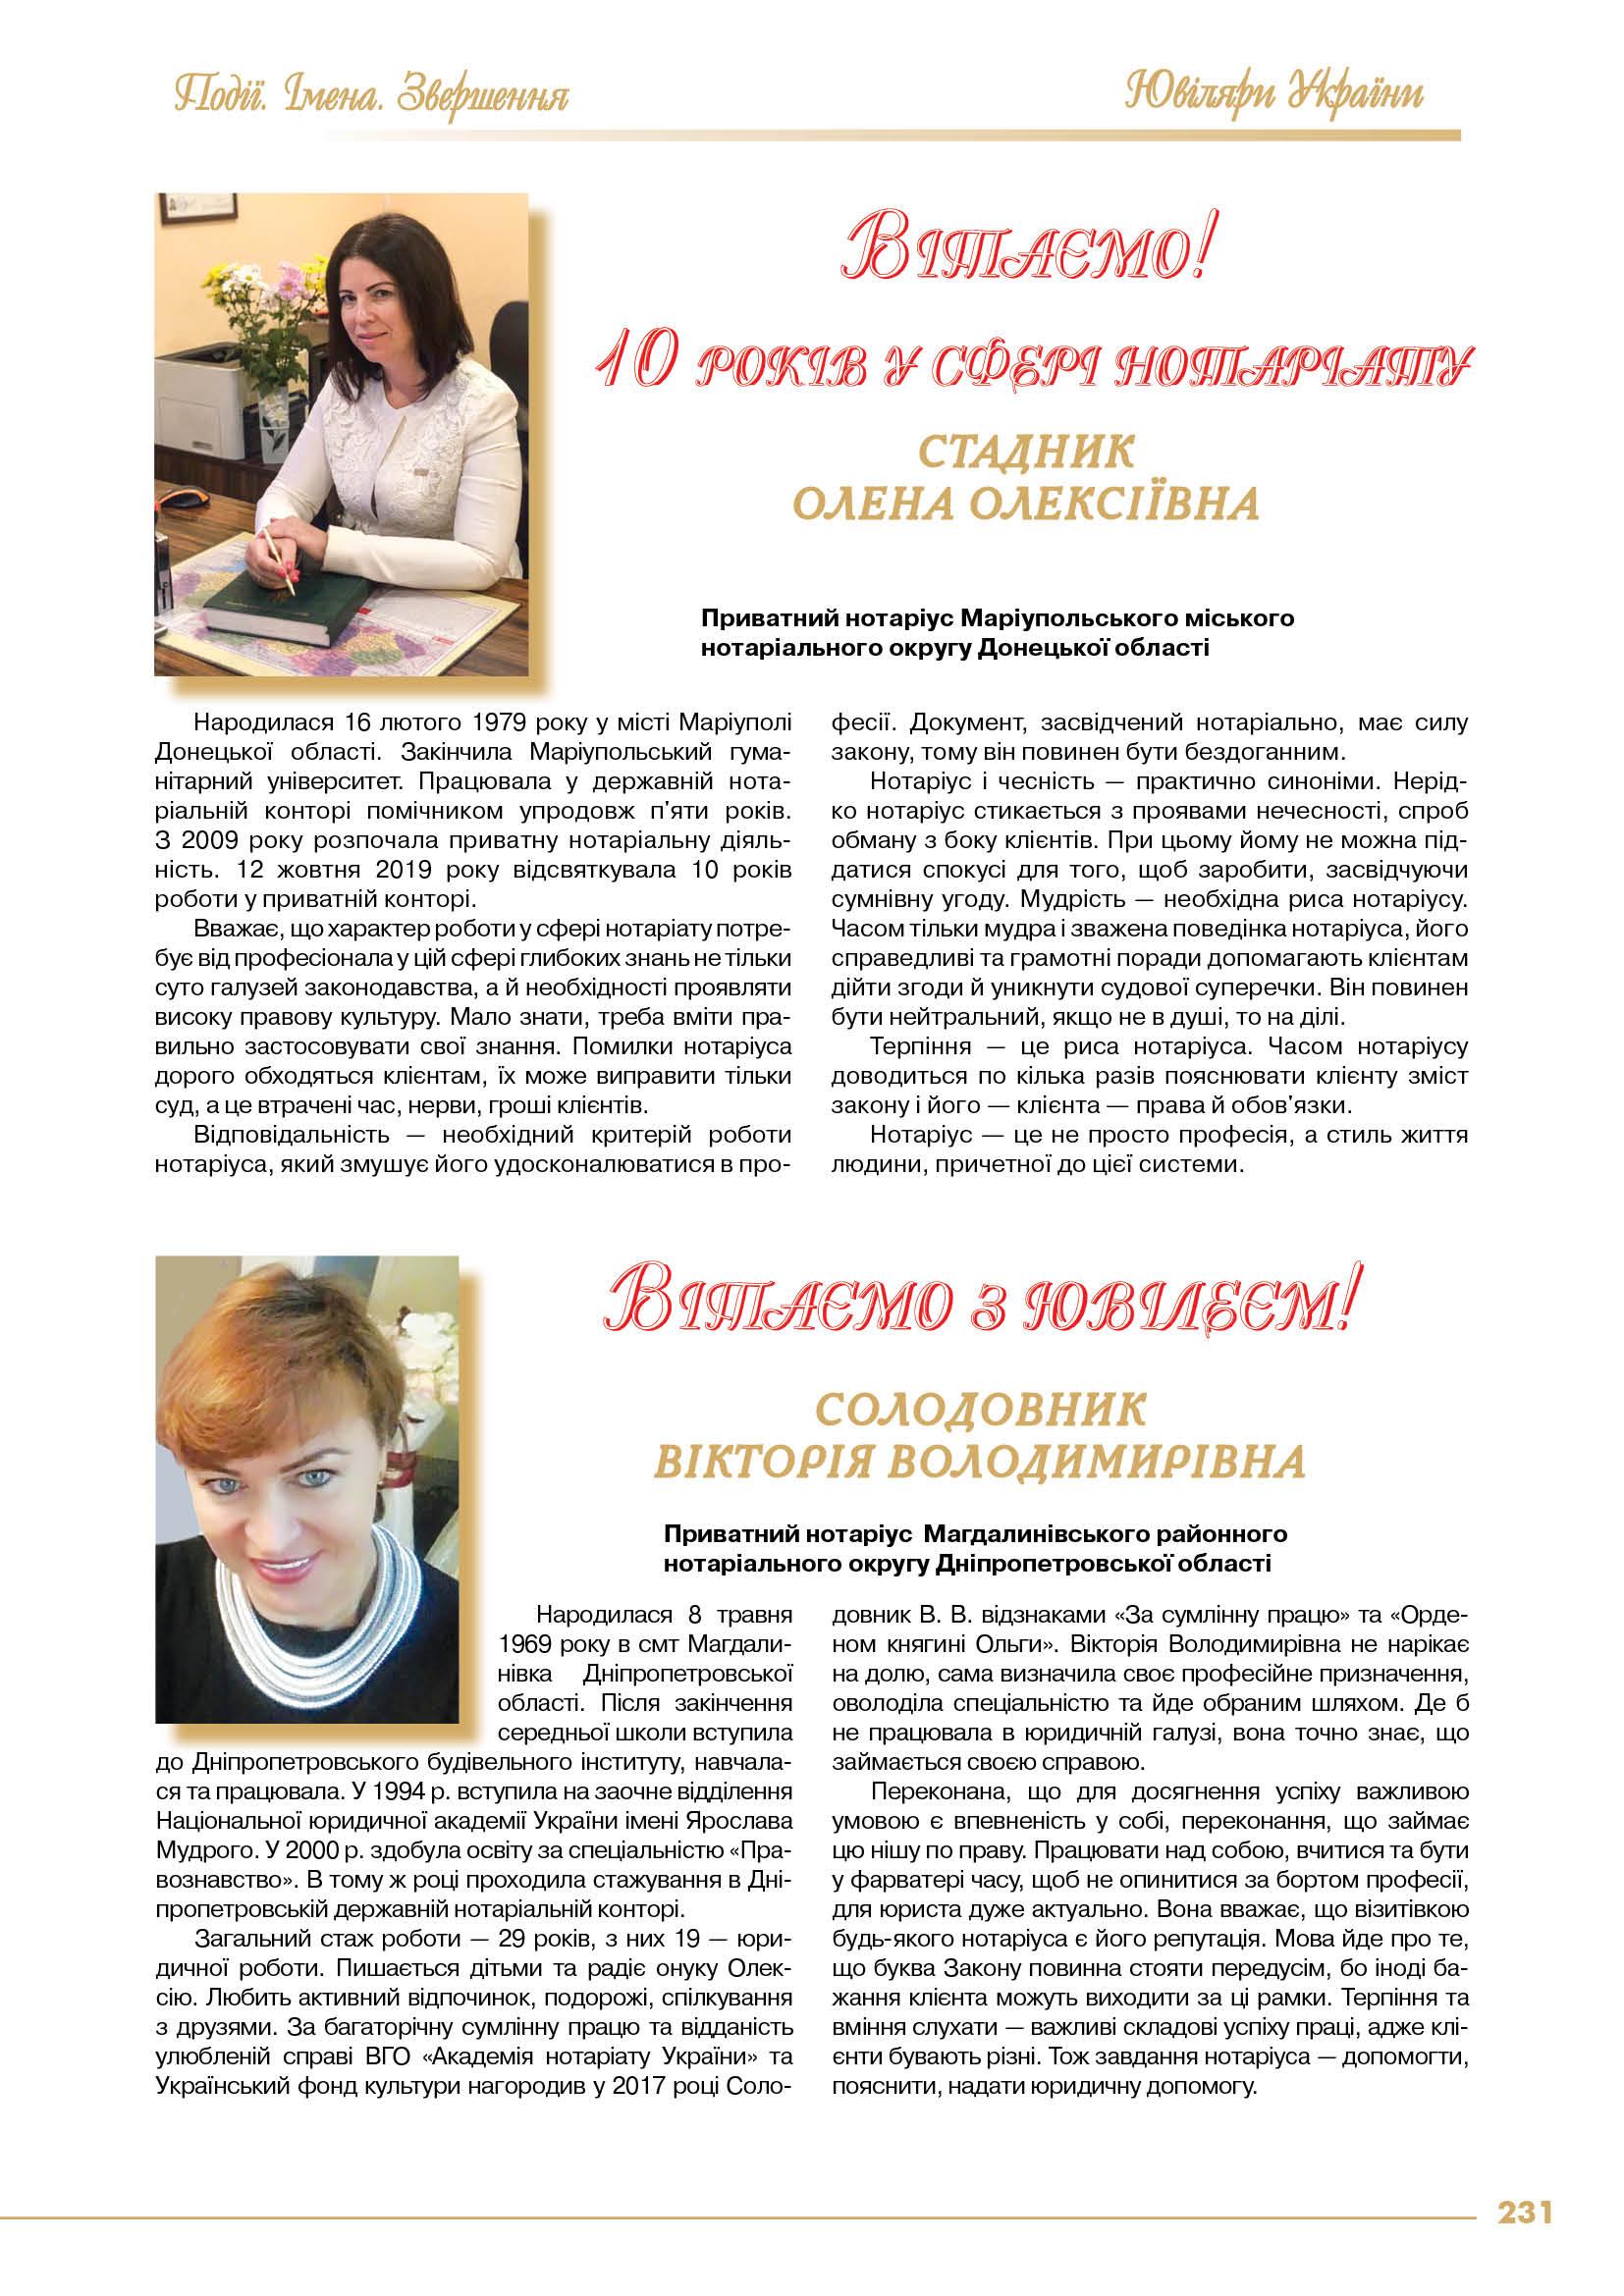 Стадник Олена Олексіївна, Cолодовник Вікторія Володимирівна